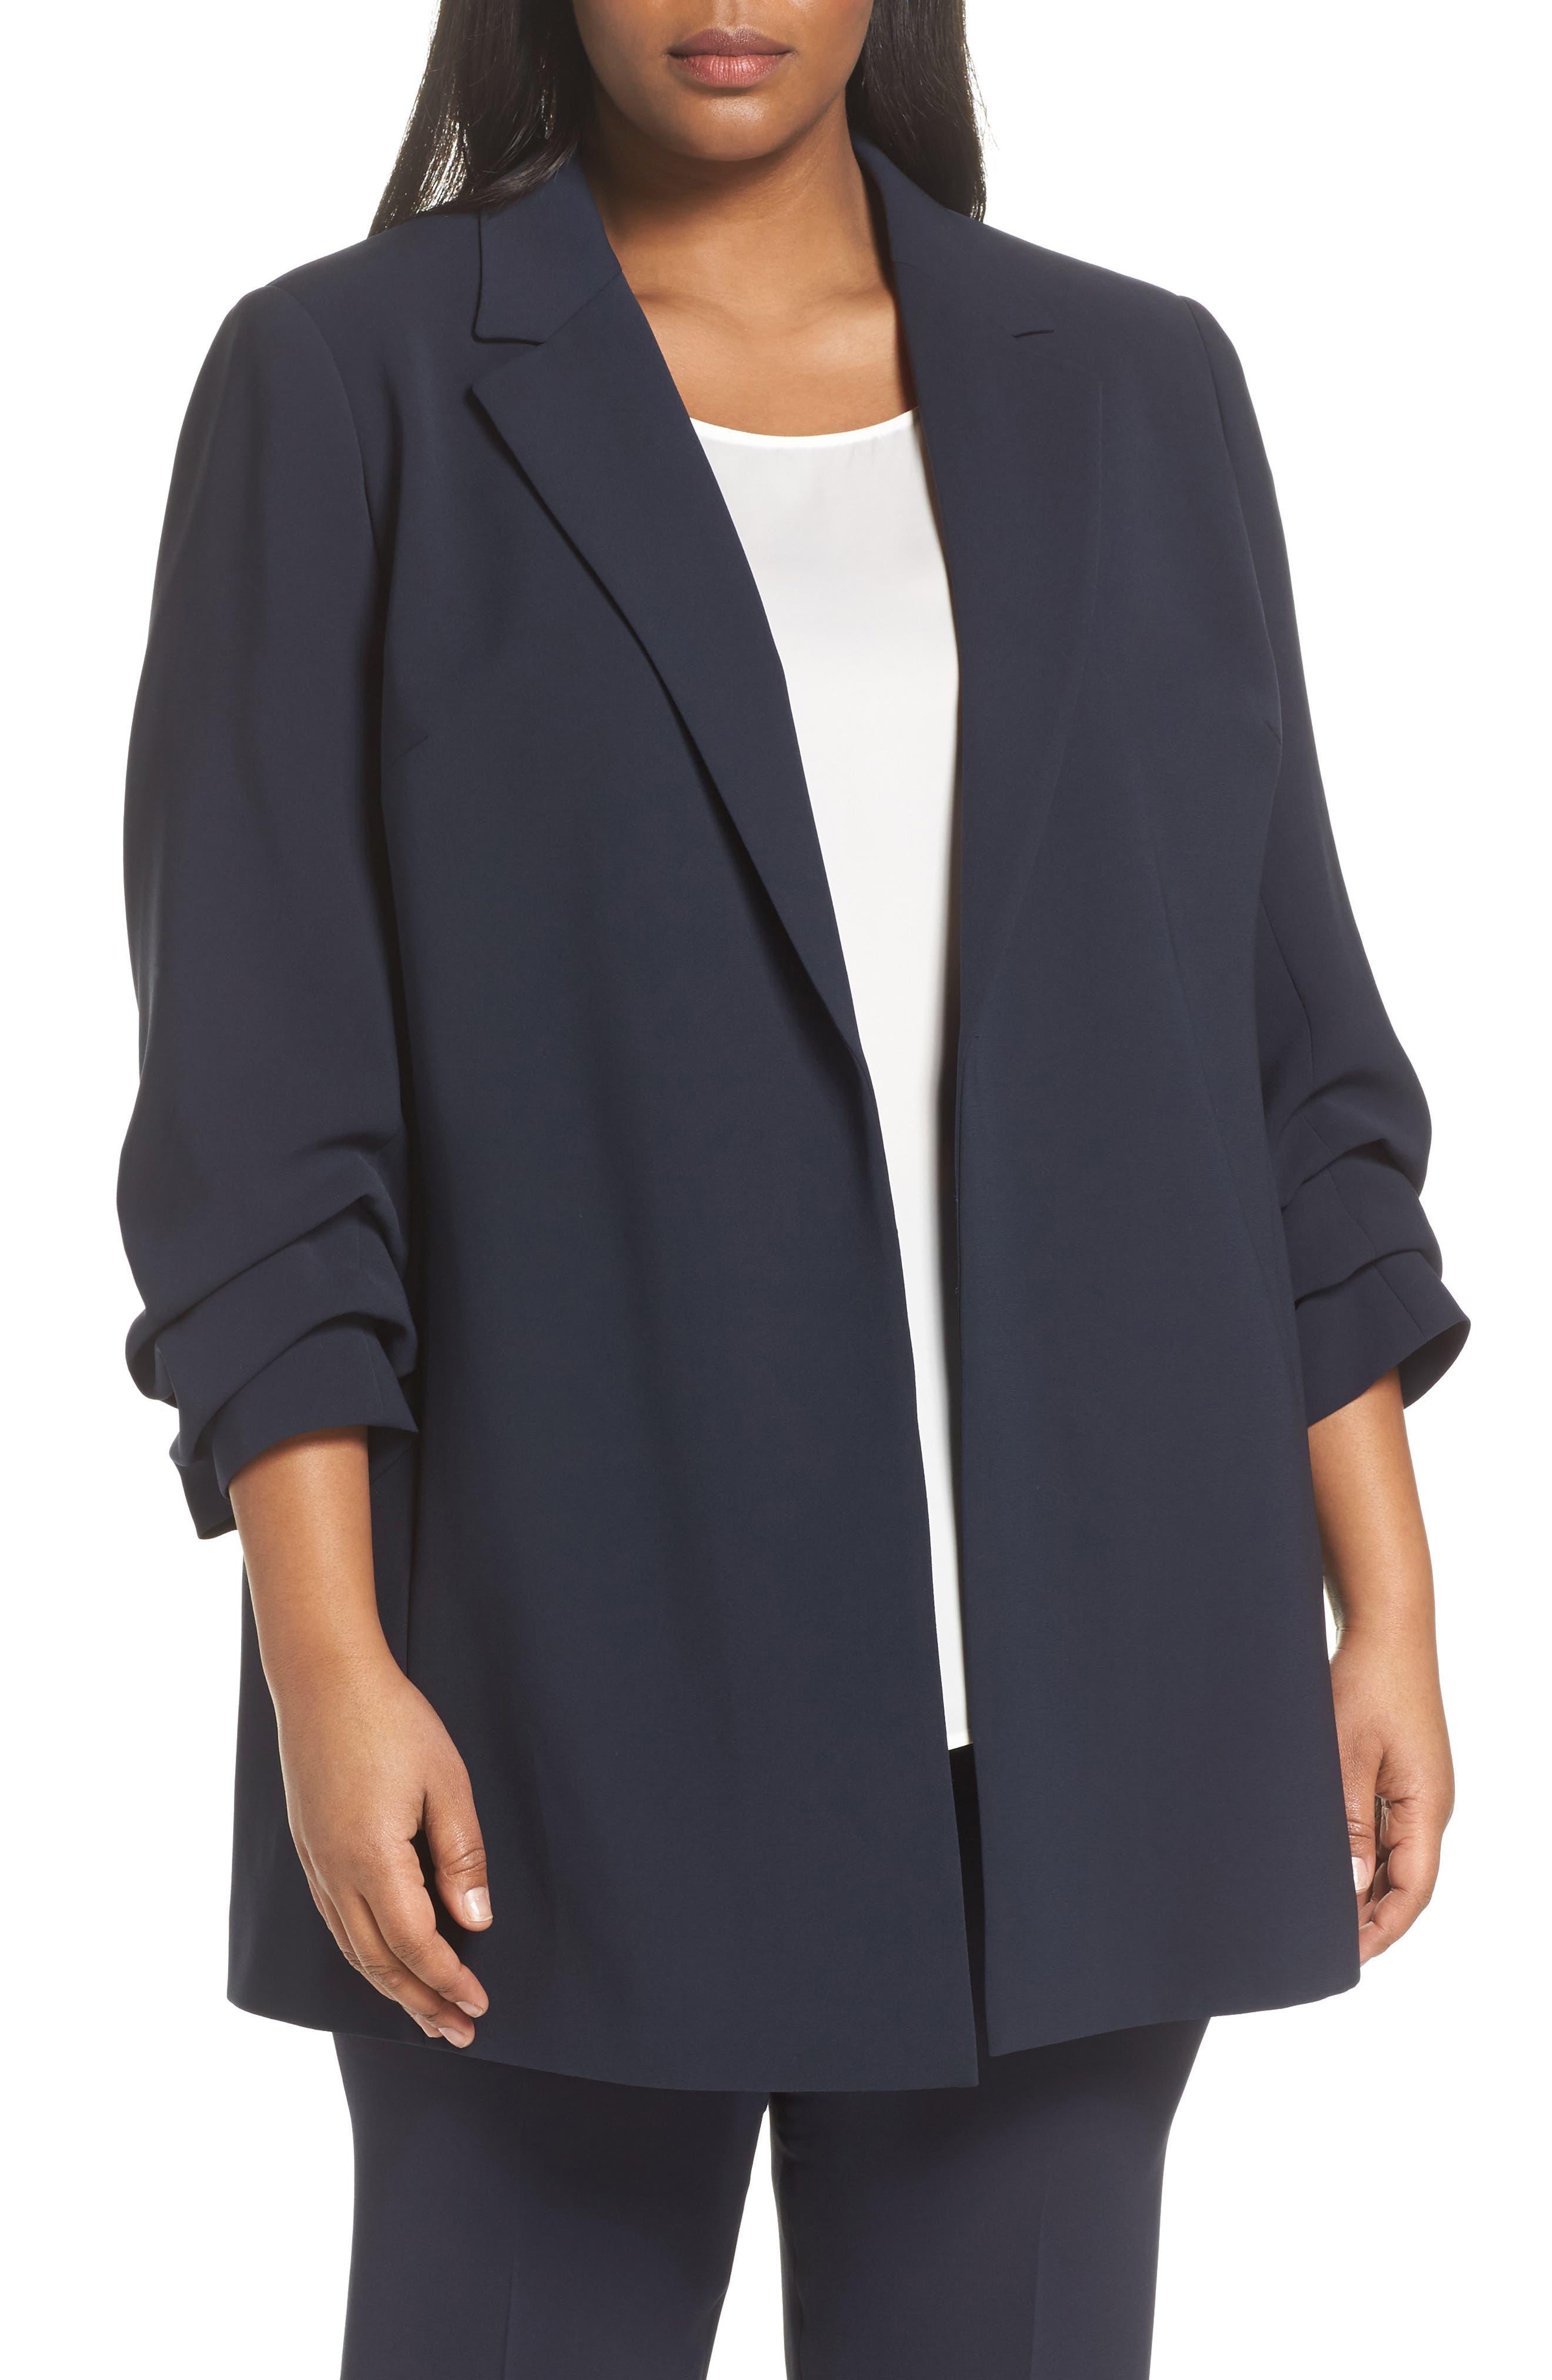 Henrik -Finesse Crepe Jacket (Plus Size,                         Main,                         color, 479